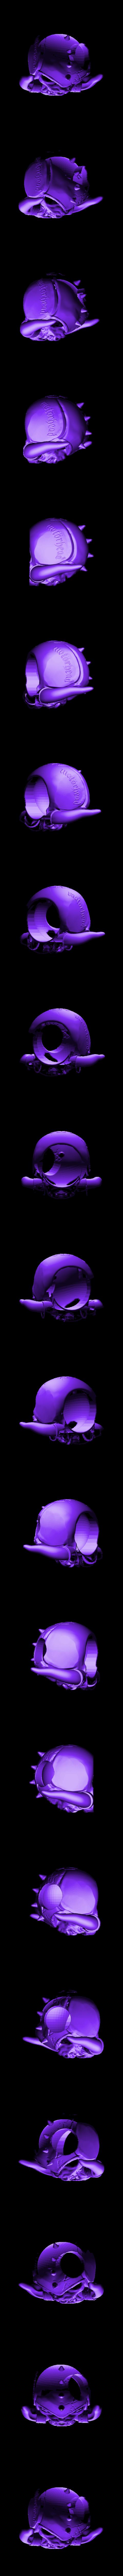 Motorhead fish tank mixed.stl Download STL file Motorhead decay head • 3D print object, Donegal3D